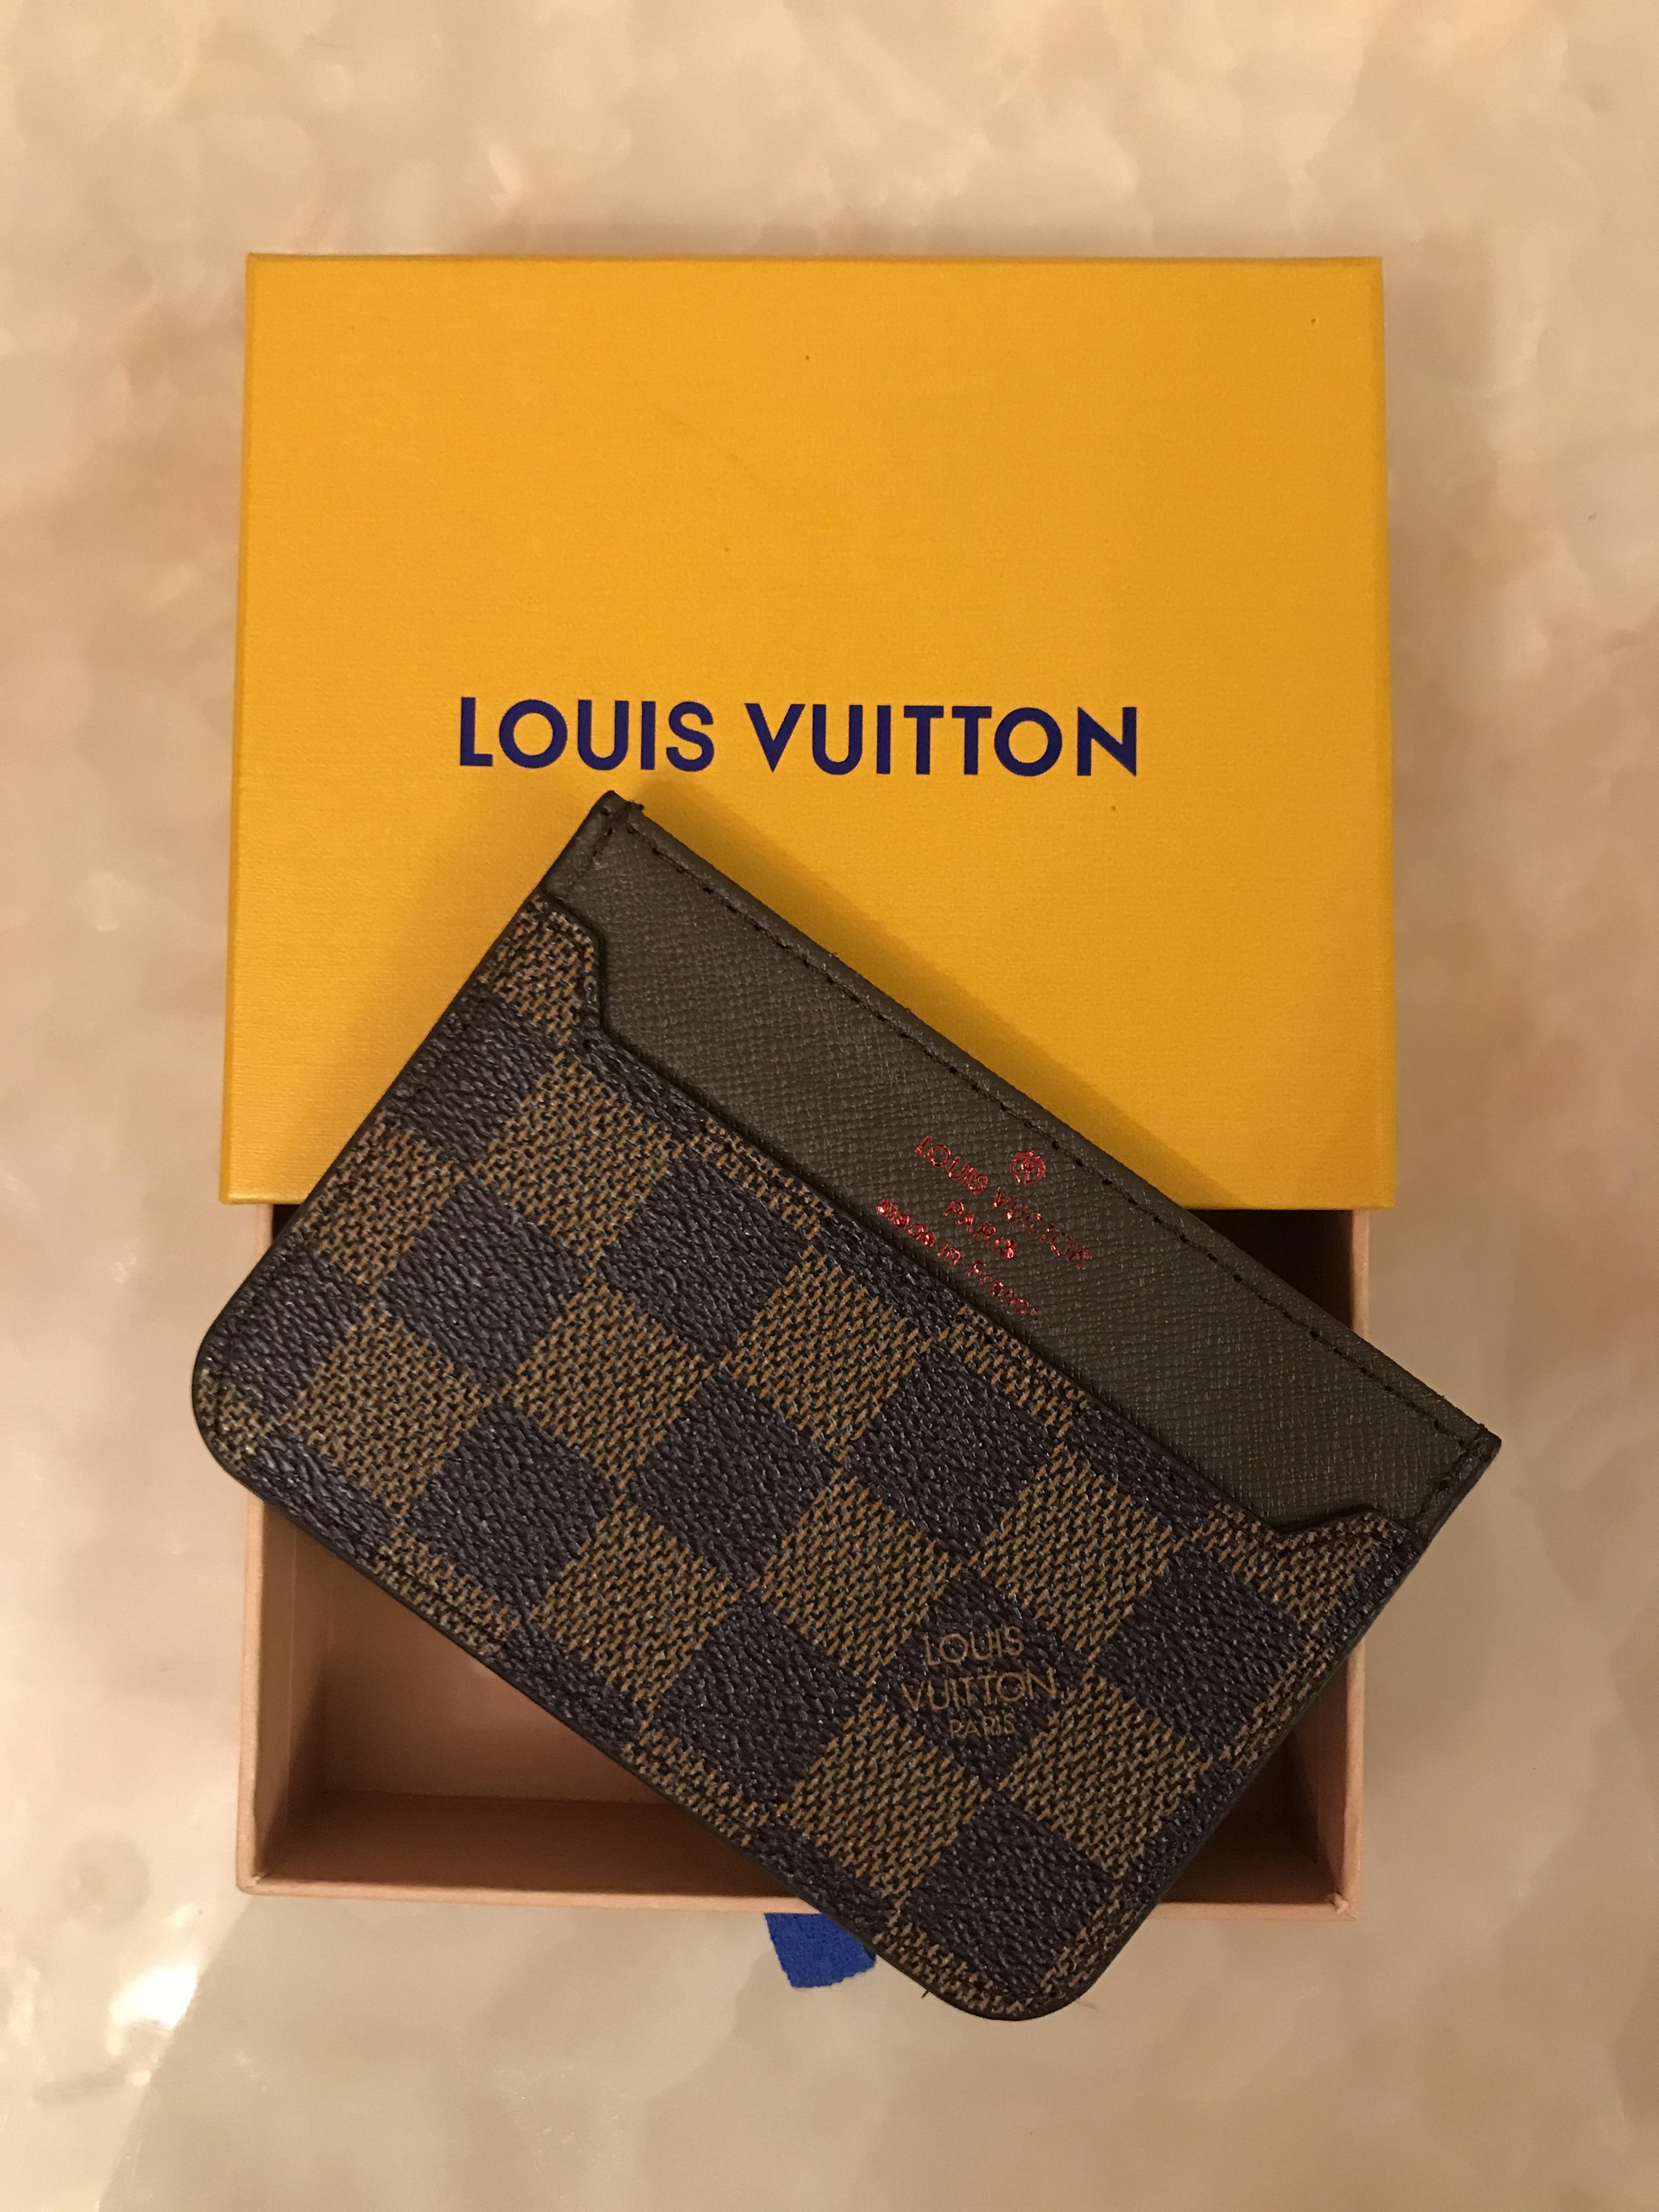 العلامة التجارية الكلاسيكية الساخن بيع محفظة حقيبة الشهيرة تصميم عملة بطاقة الهوية المحفظة سستة PU الرئيسية قضية المال بطاقة الائتمان